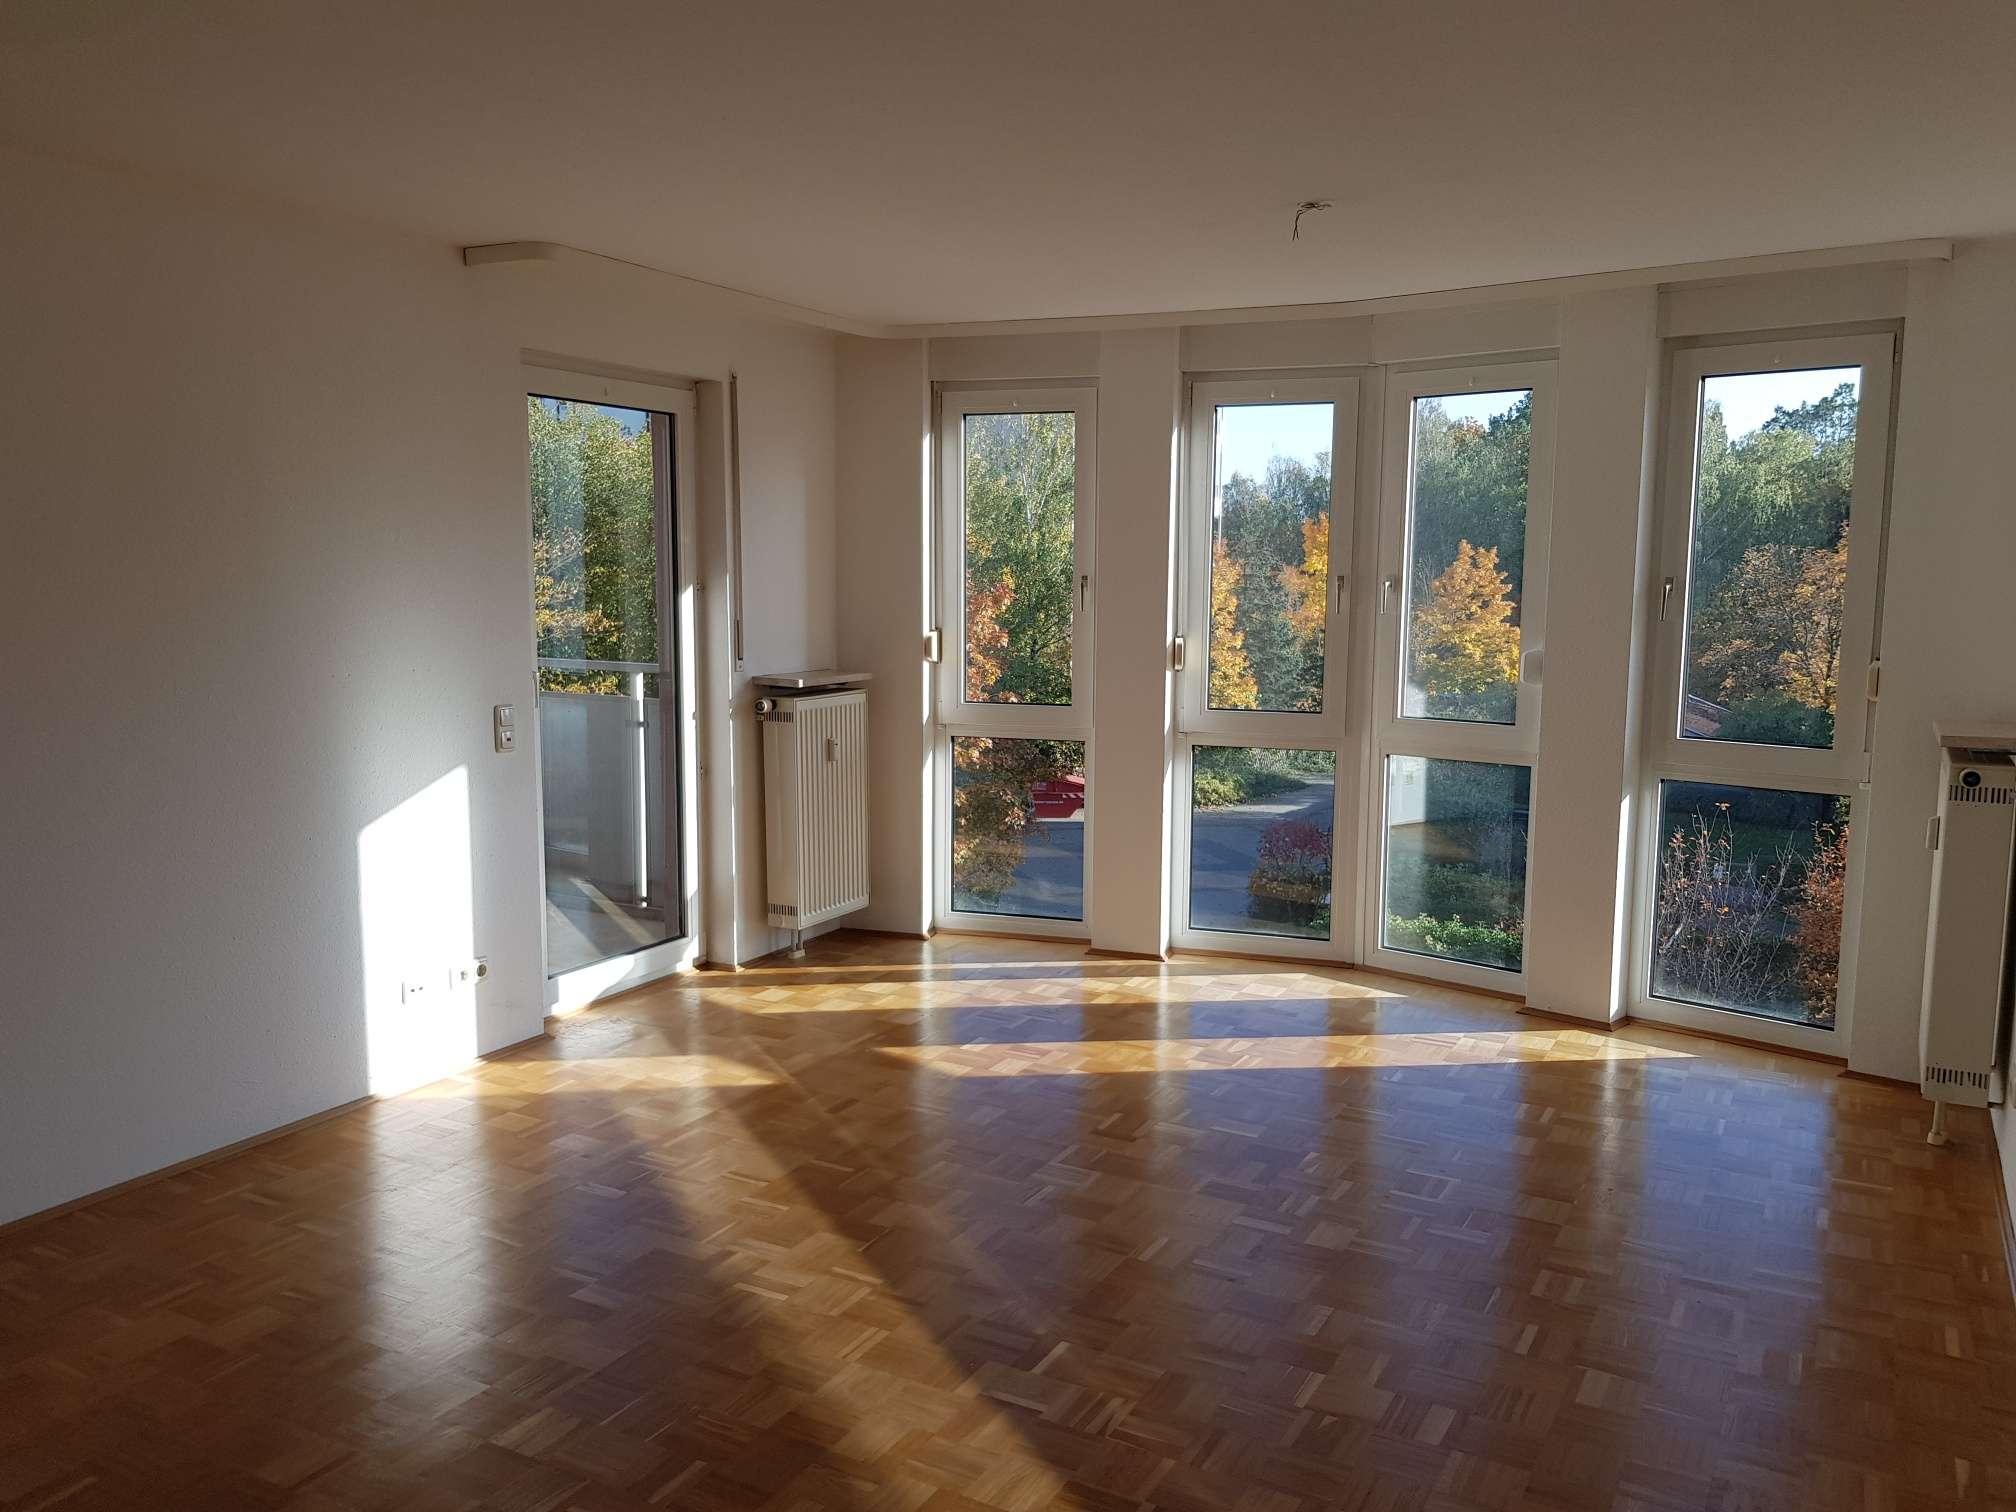 Große und gepflegte 4 Zimmer-Wohnung mit Tiefgaragenplatz in Großreuth b. Schweinau (Nürnberg)